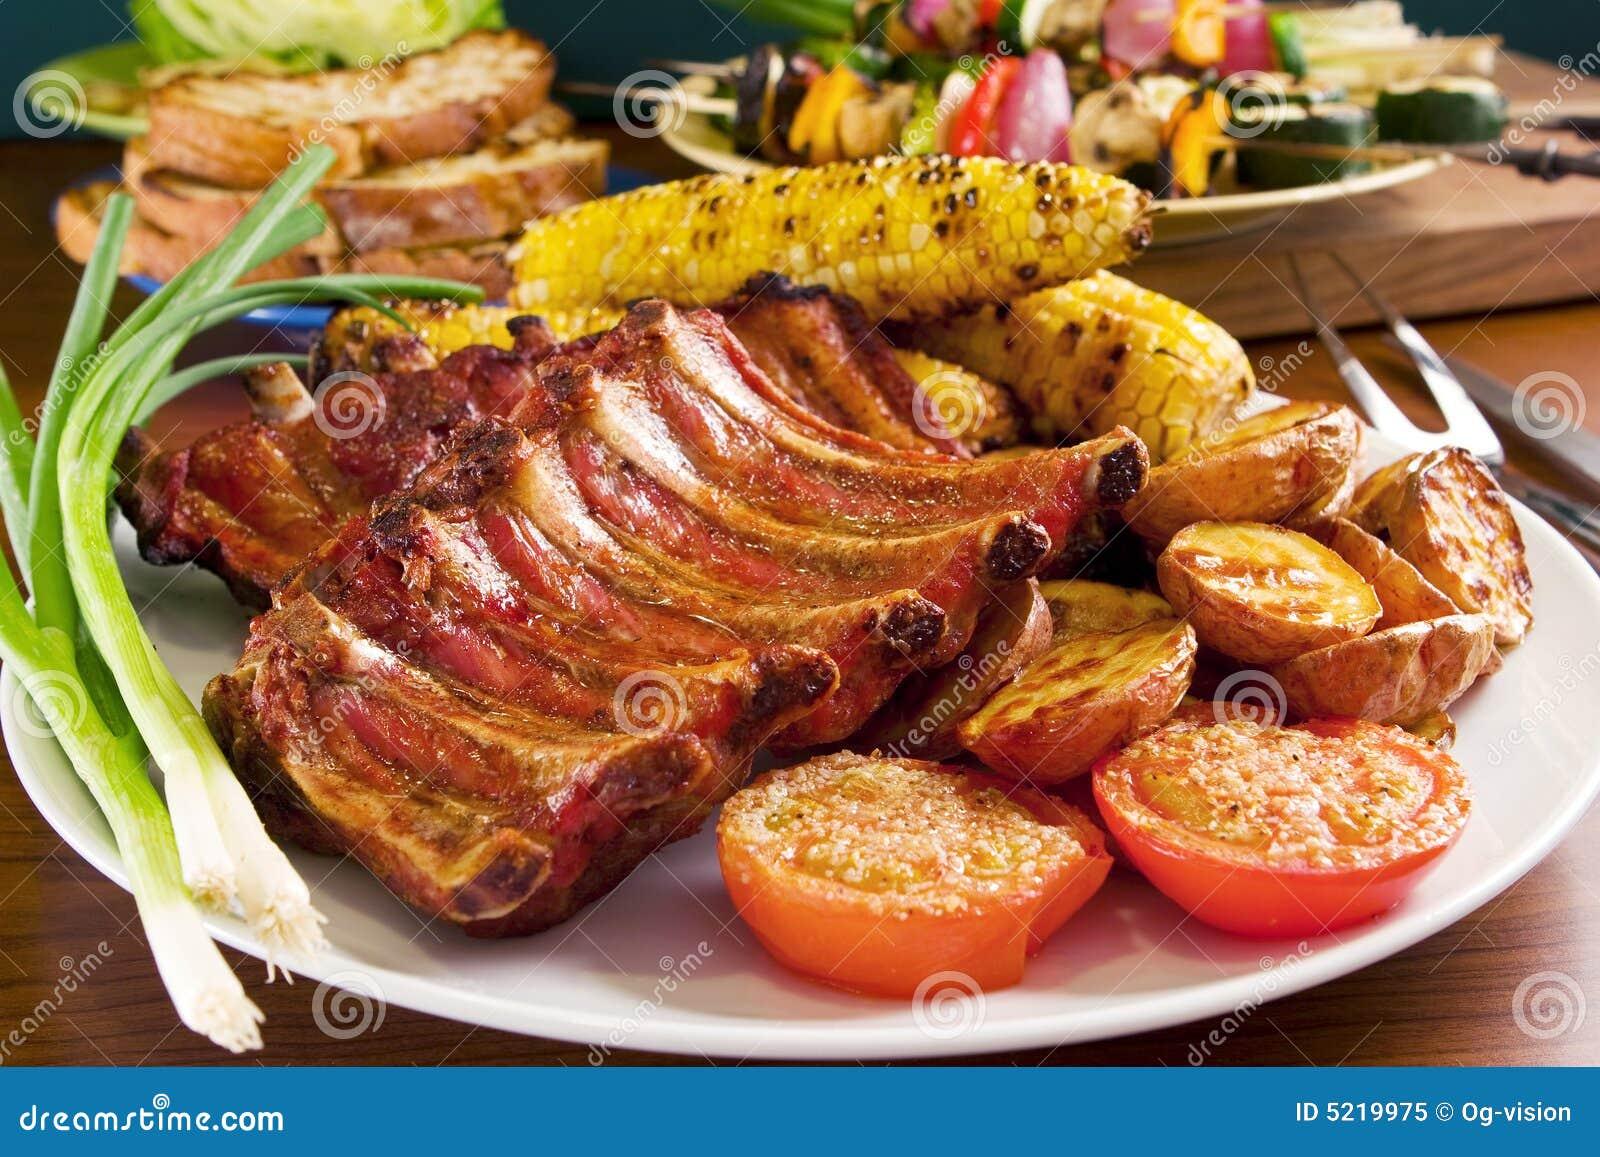 Costillas de cerdo asadas a la parilla